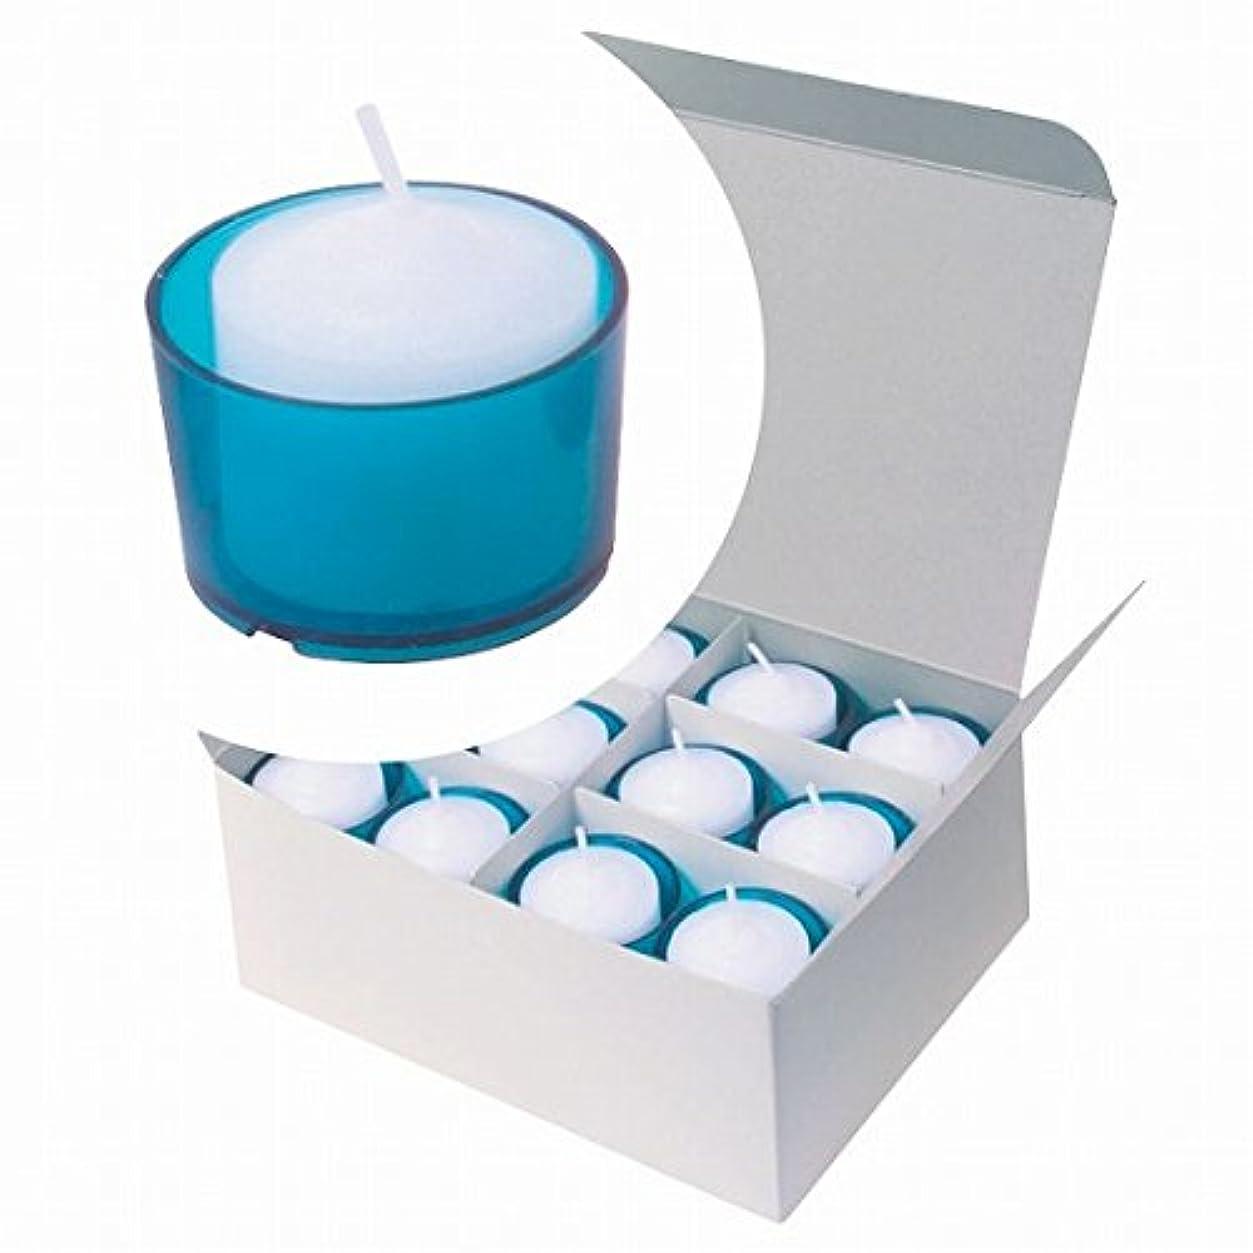 ロマンス退院腹部カメヤマキャンドル(kameyama candle) カラークリアカップボーティブ6時間タイプ 24個入り 「 ブルー 」